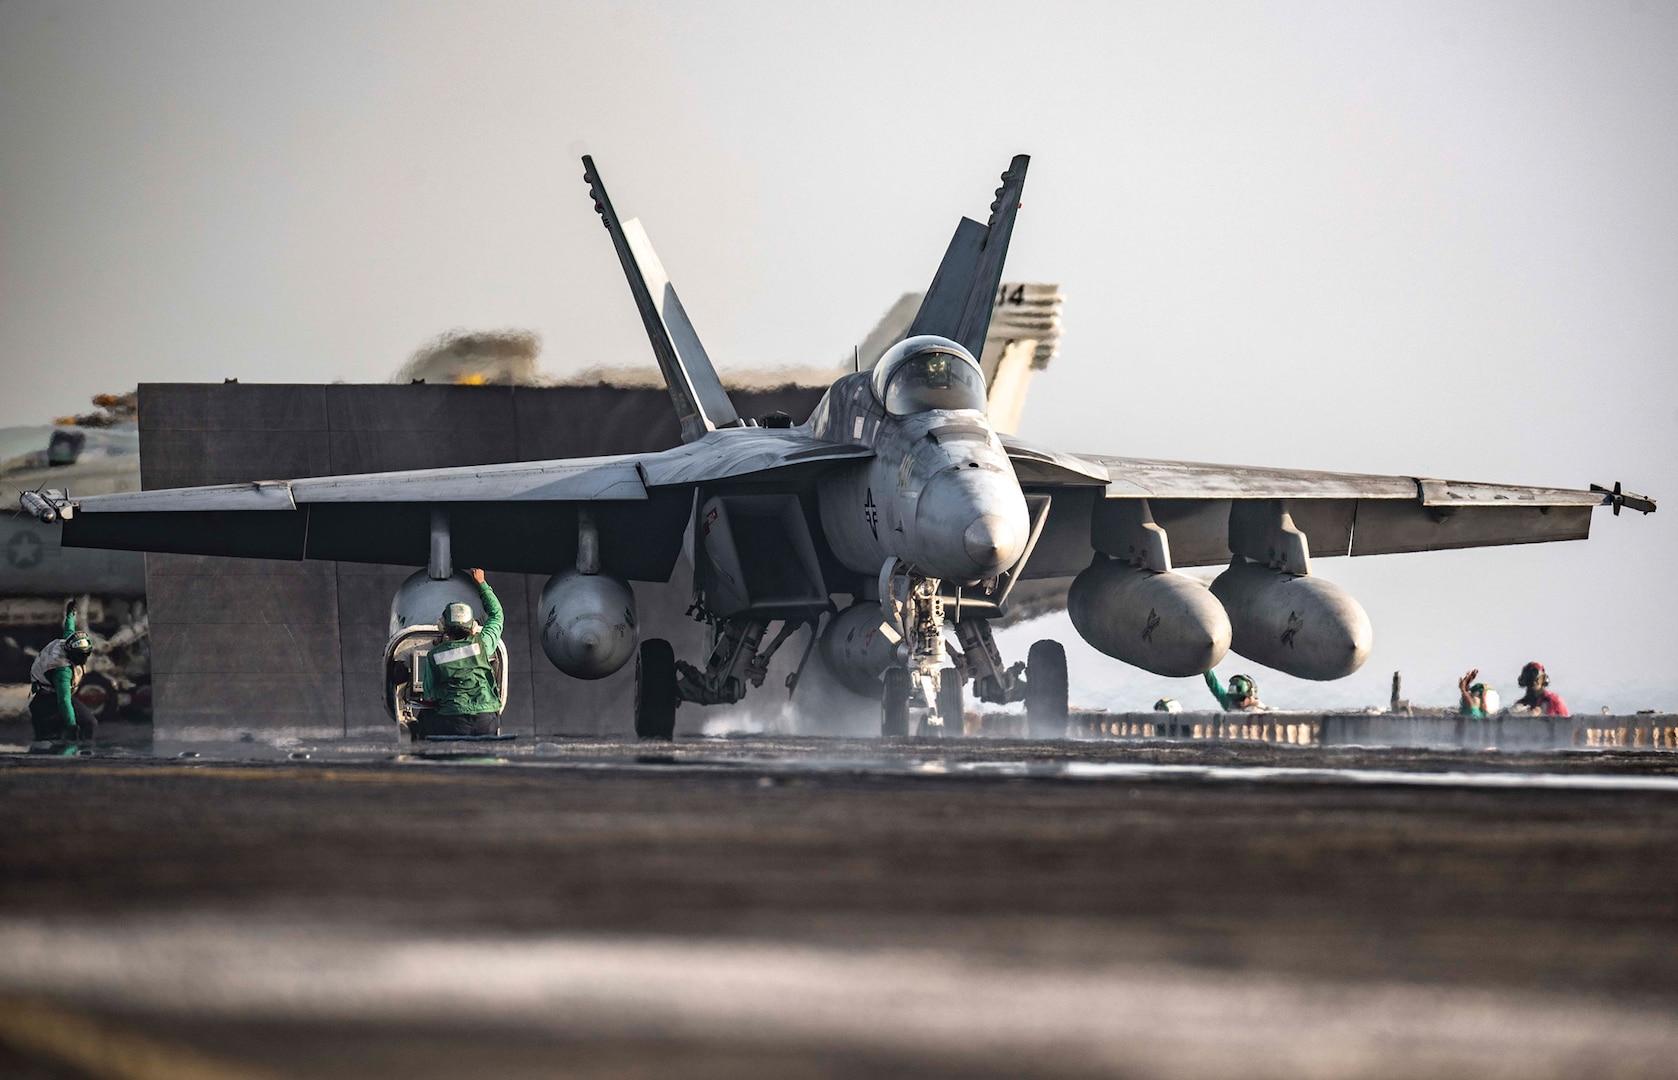 F/A-18E Super Hornet launches from flight deck of USS Dwight D. Eisenhower